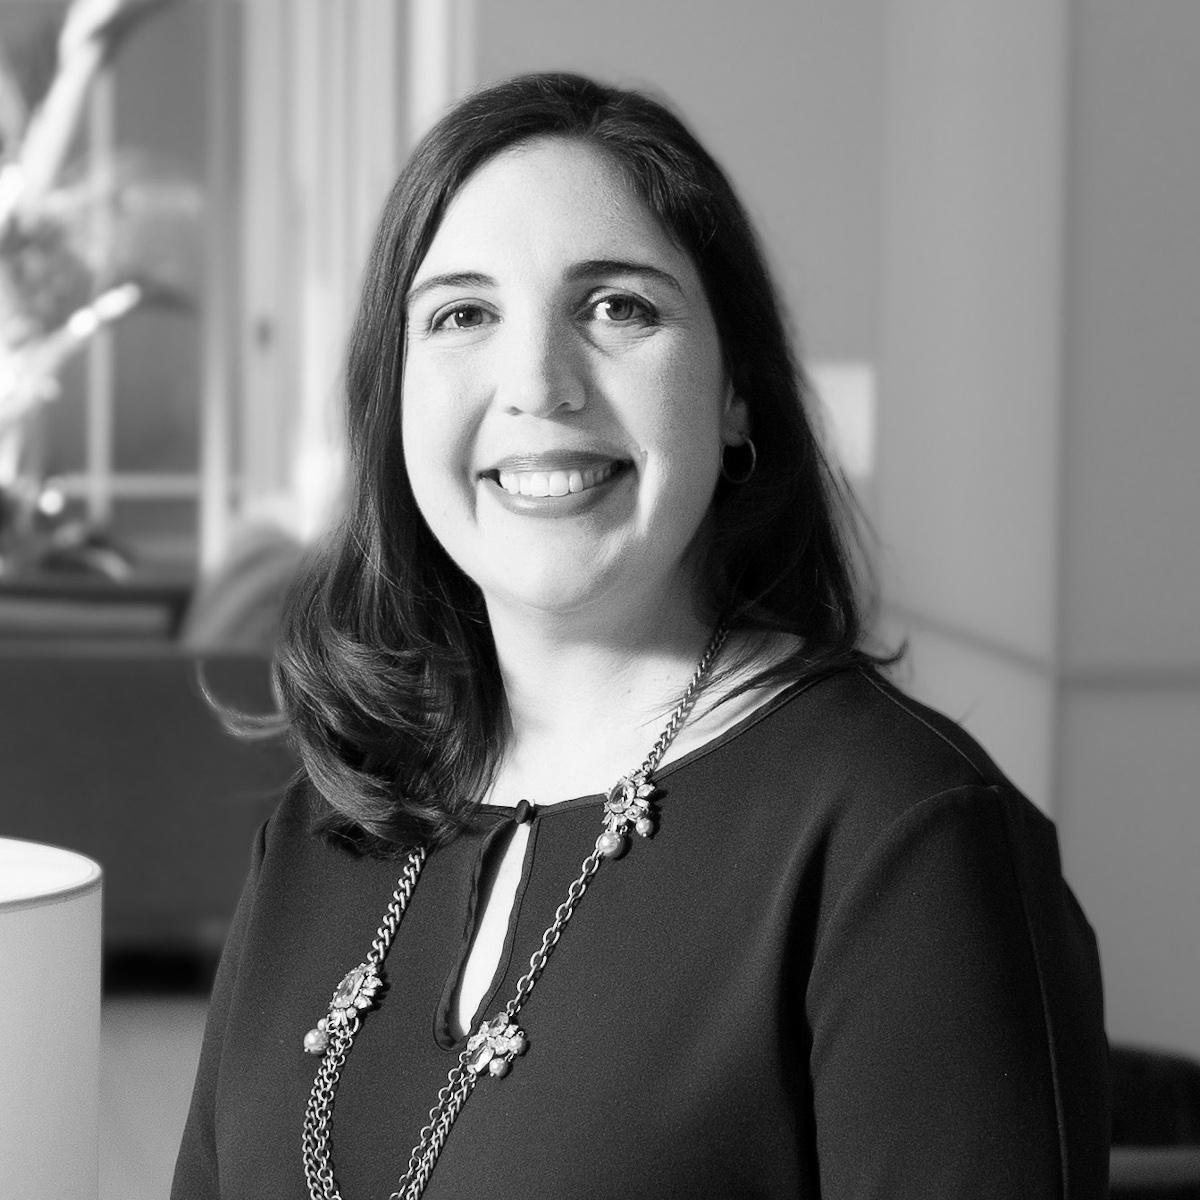 Sarah Weiser-Ward, AIA, LEED AP BD+C